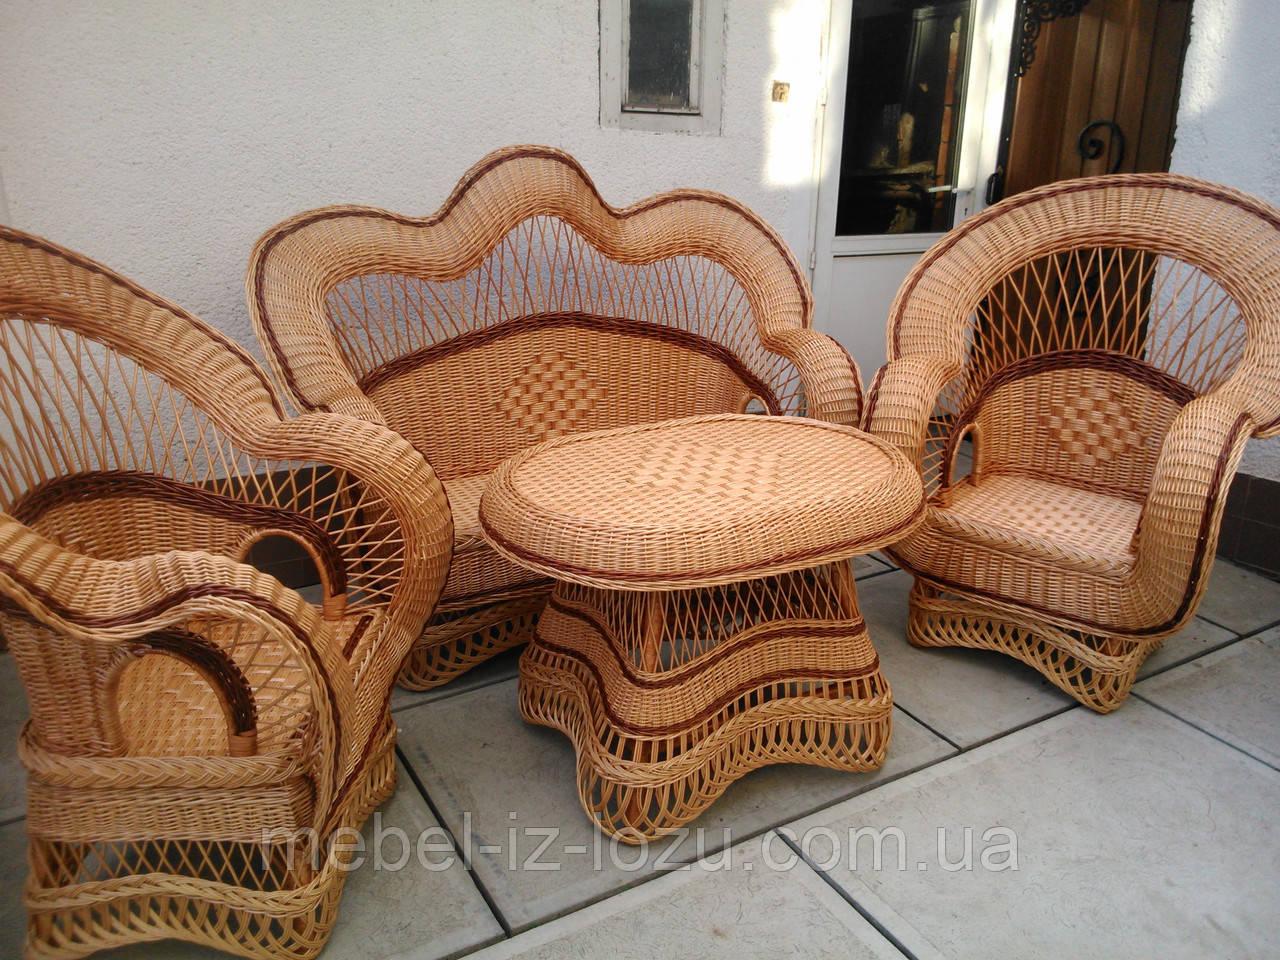 """Набор """"Королевский"""" темный - Мебель из лозы --- Интернет-магазин изделий из лозы в Закарпатской области"""